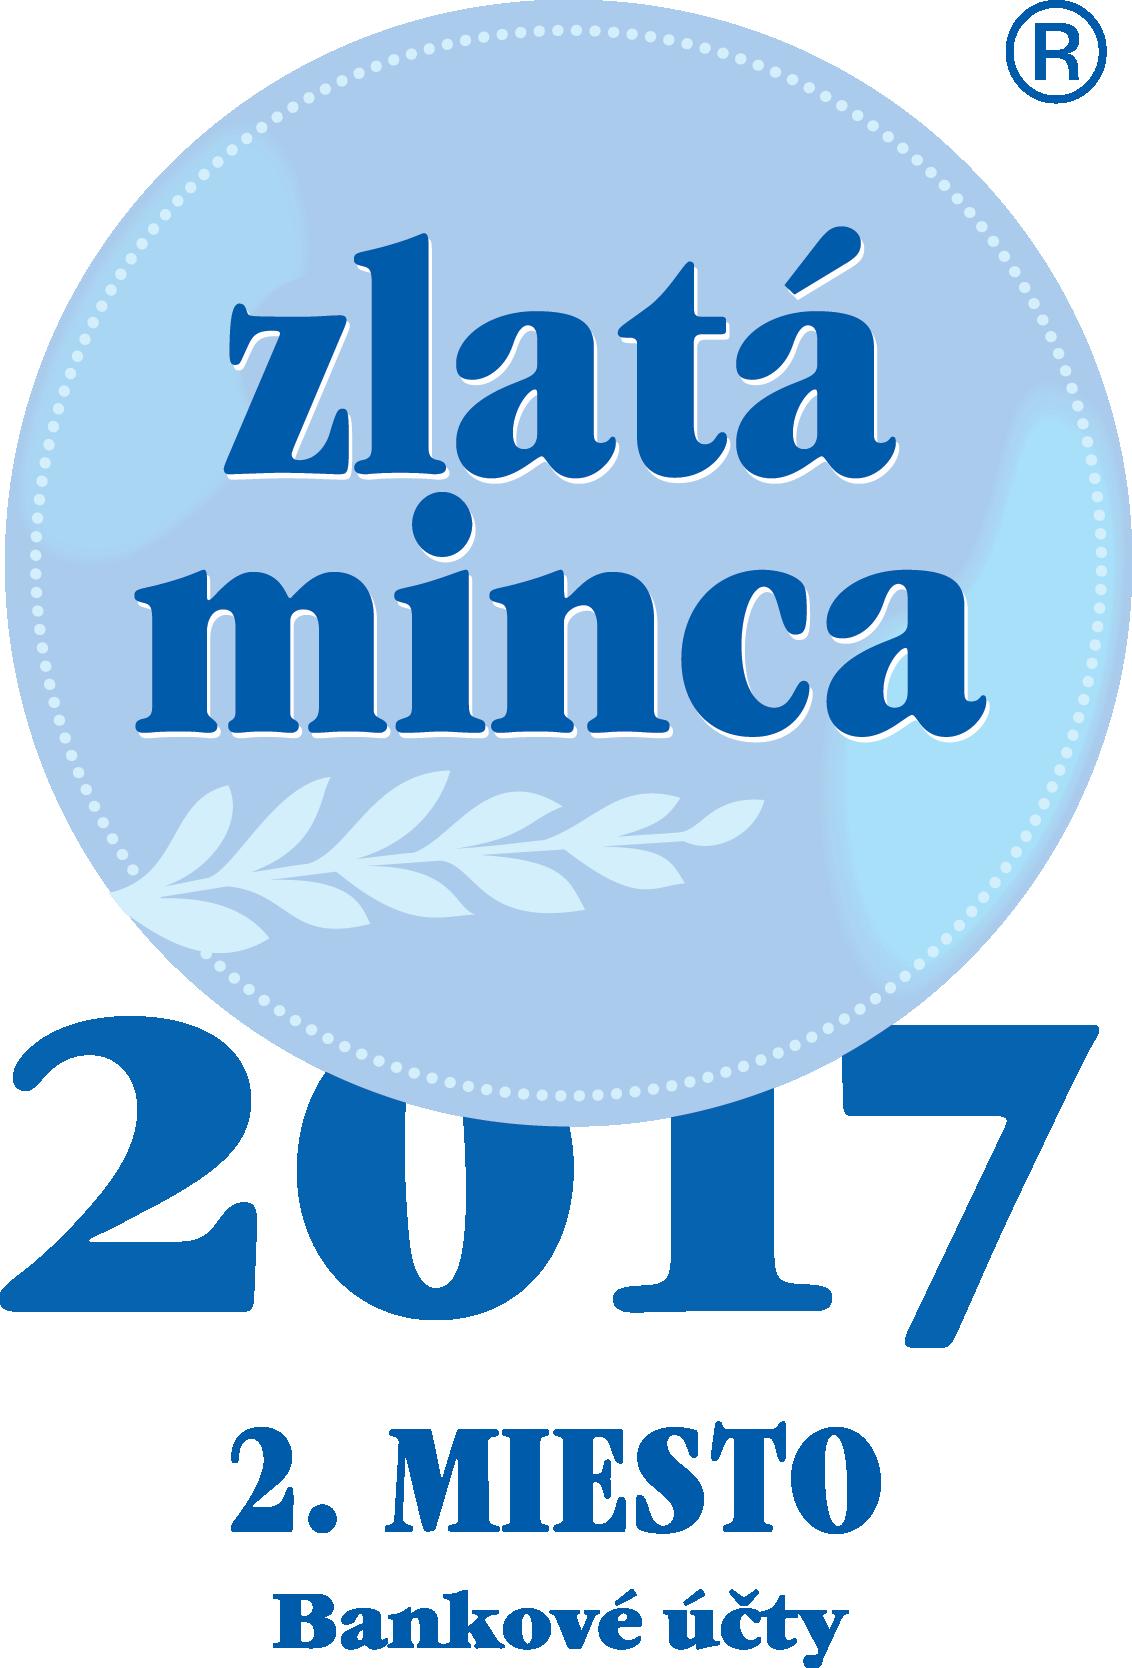 Zlatá minca 2017 - Bankové účty - 2. miesto